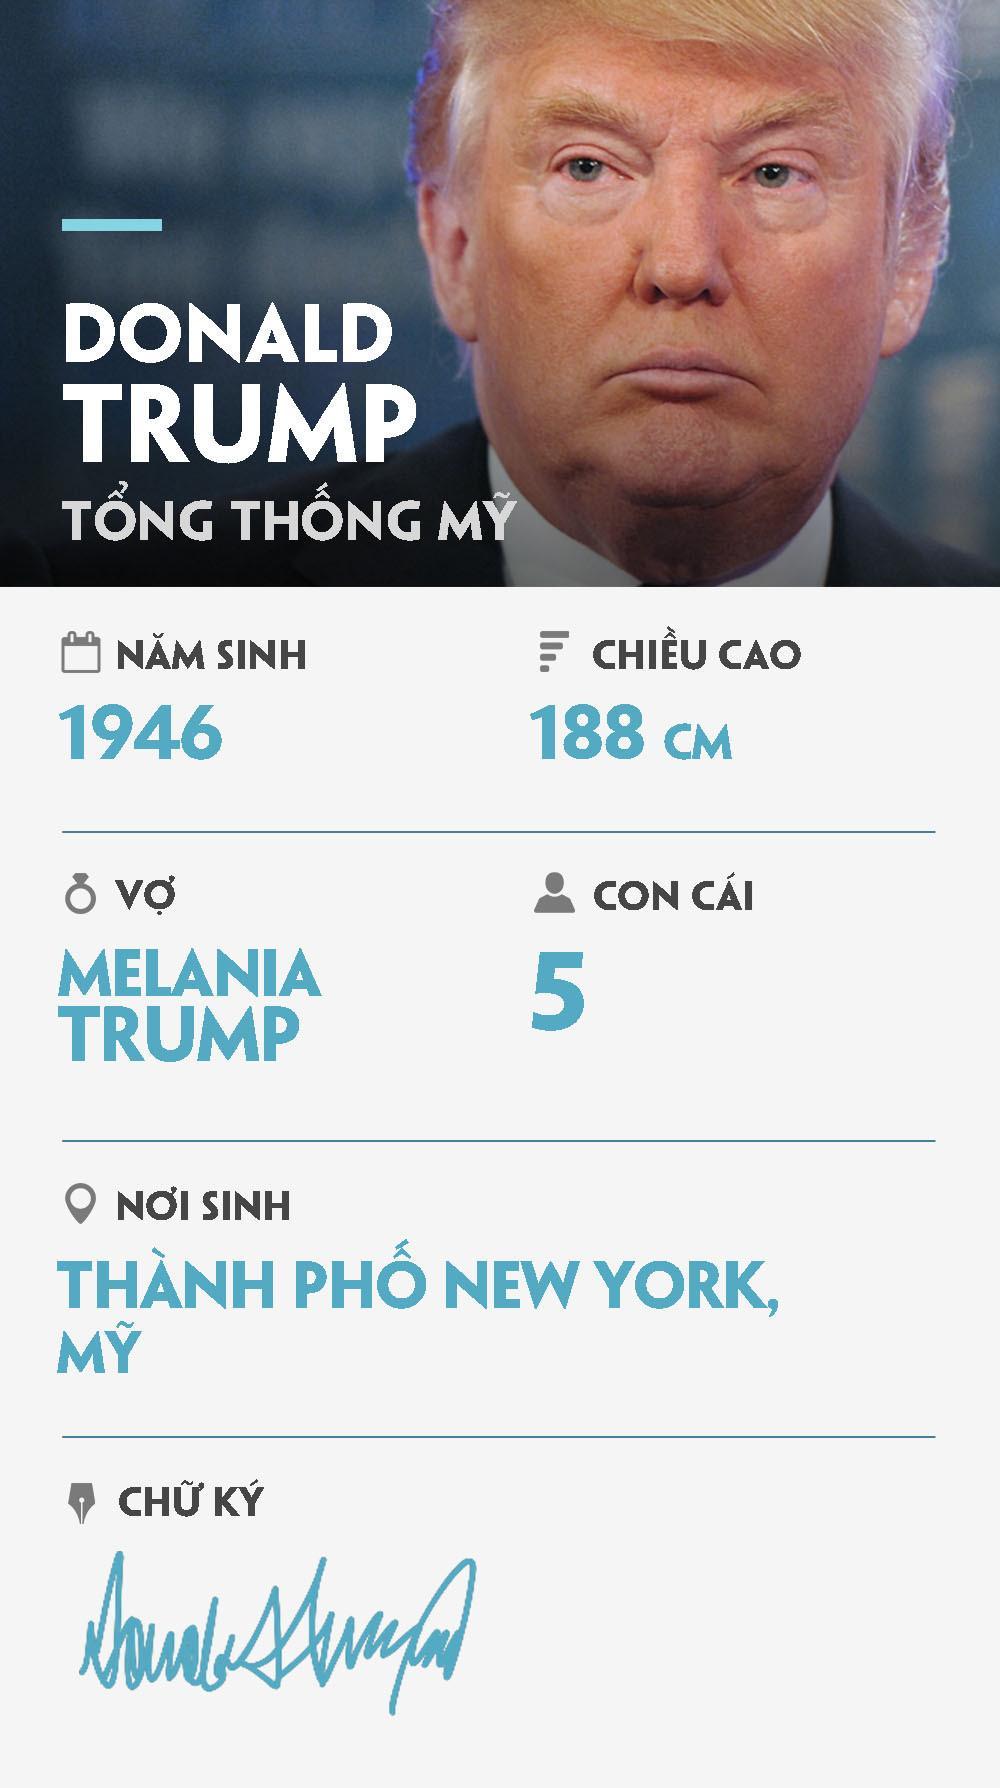 Tổng thống Trump nói về APEC, Đà Nẵng trên Facebook-2